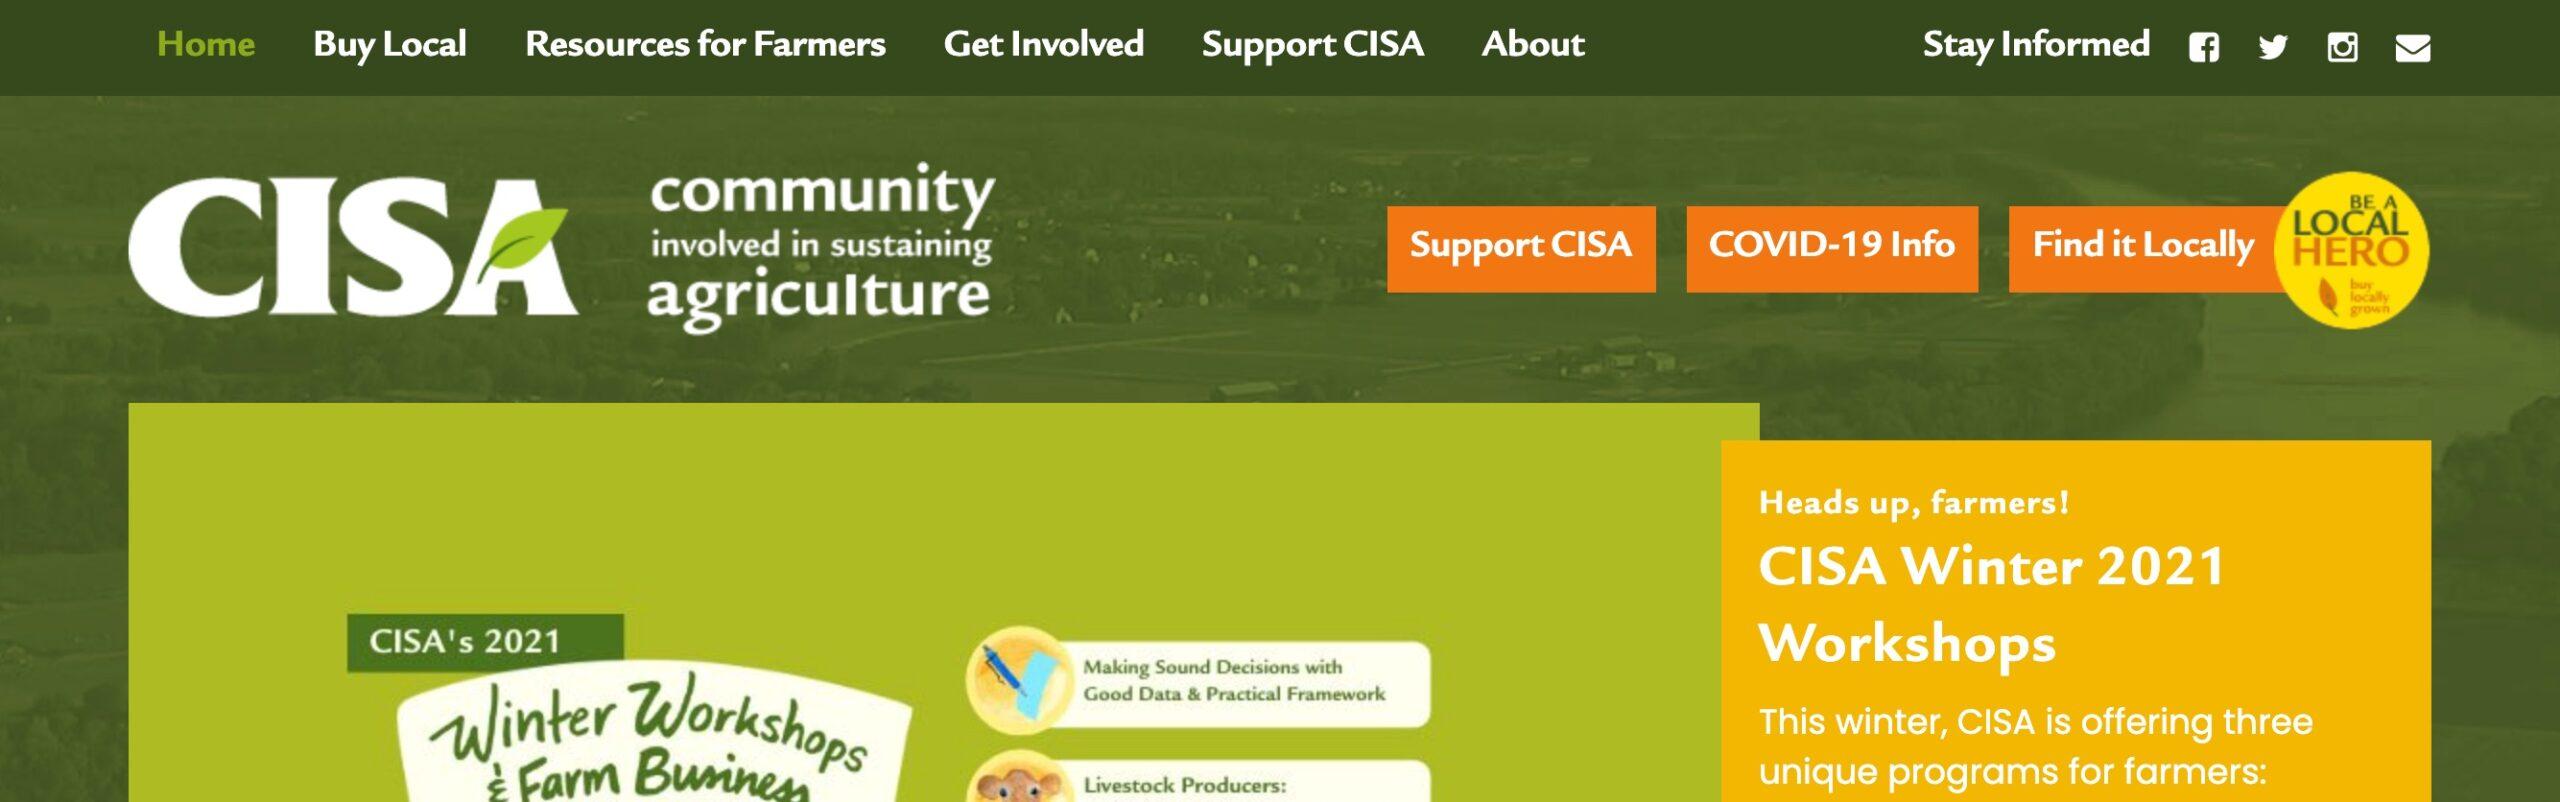 CISA nav bar example